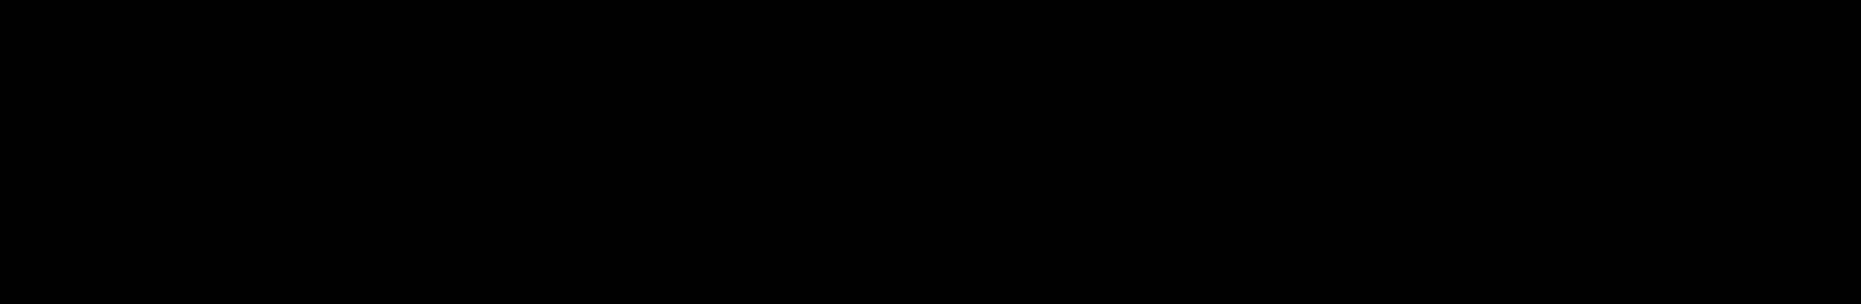 BK-horizontal-logo_LG